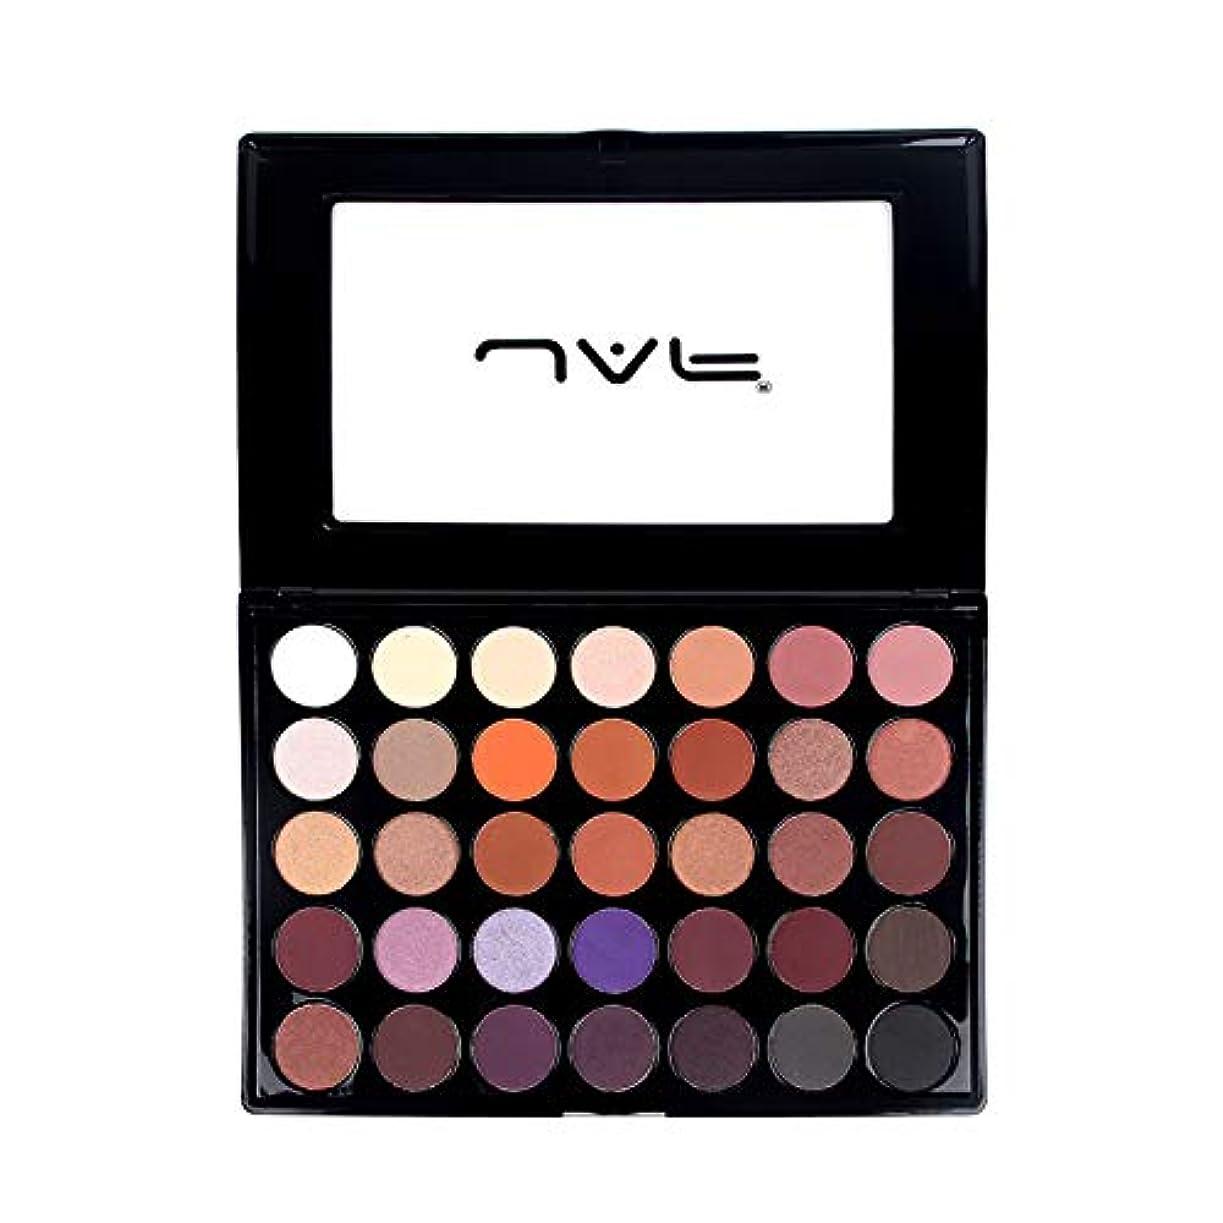 非常にオリエンタルエコーJAF Makeup Glitter Eyeshadow Palette, Professional Shimmer Eyeshadow Make Up Powder Pallete - EP35